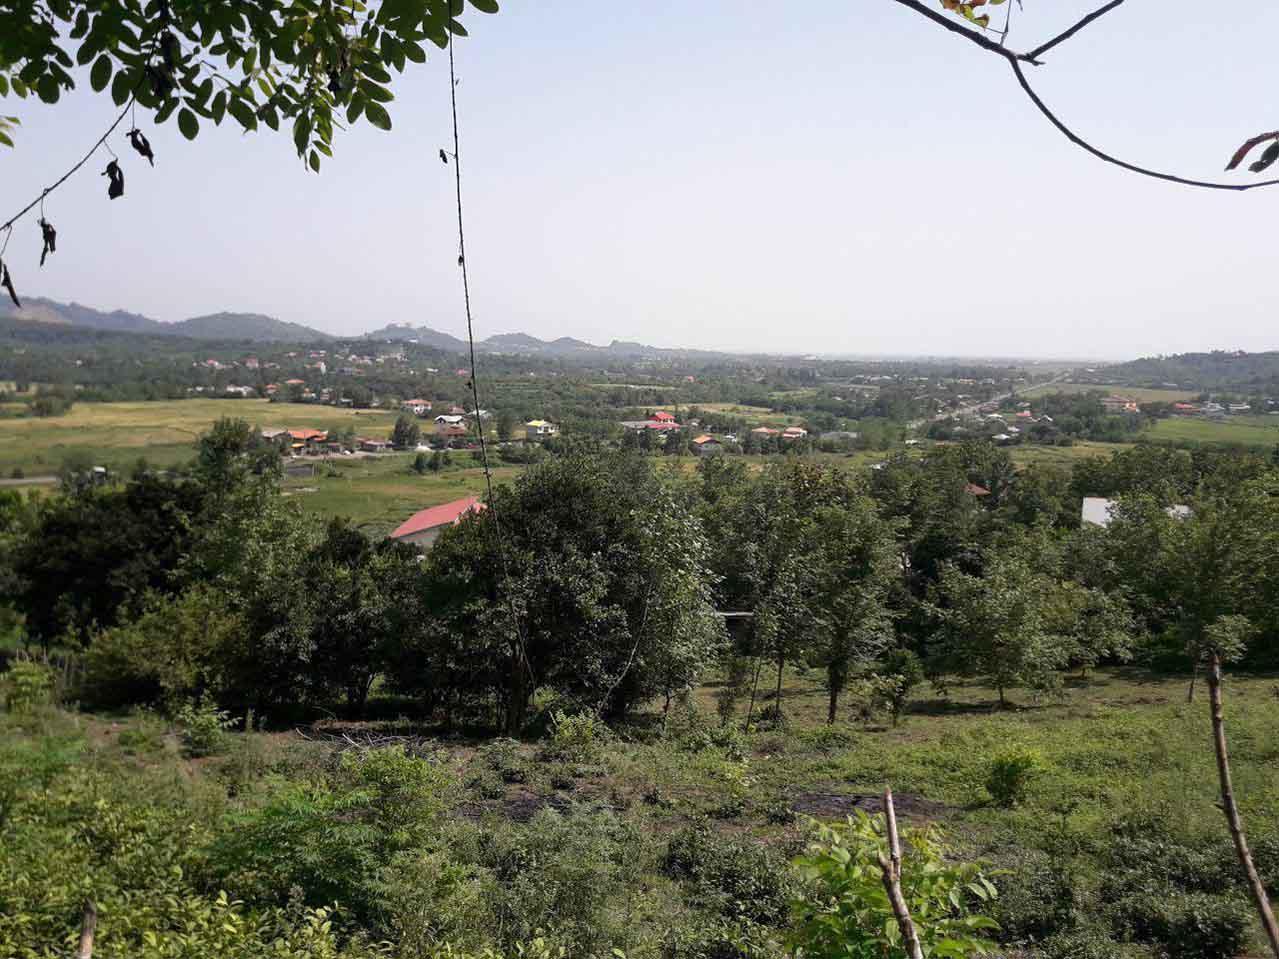 فروش زمین مسکونی 1500 متری در اطاقور